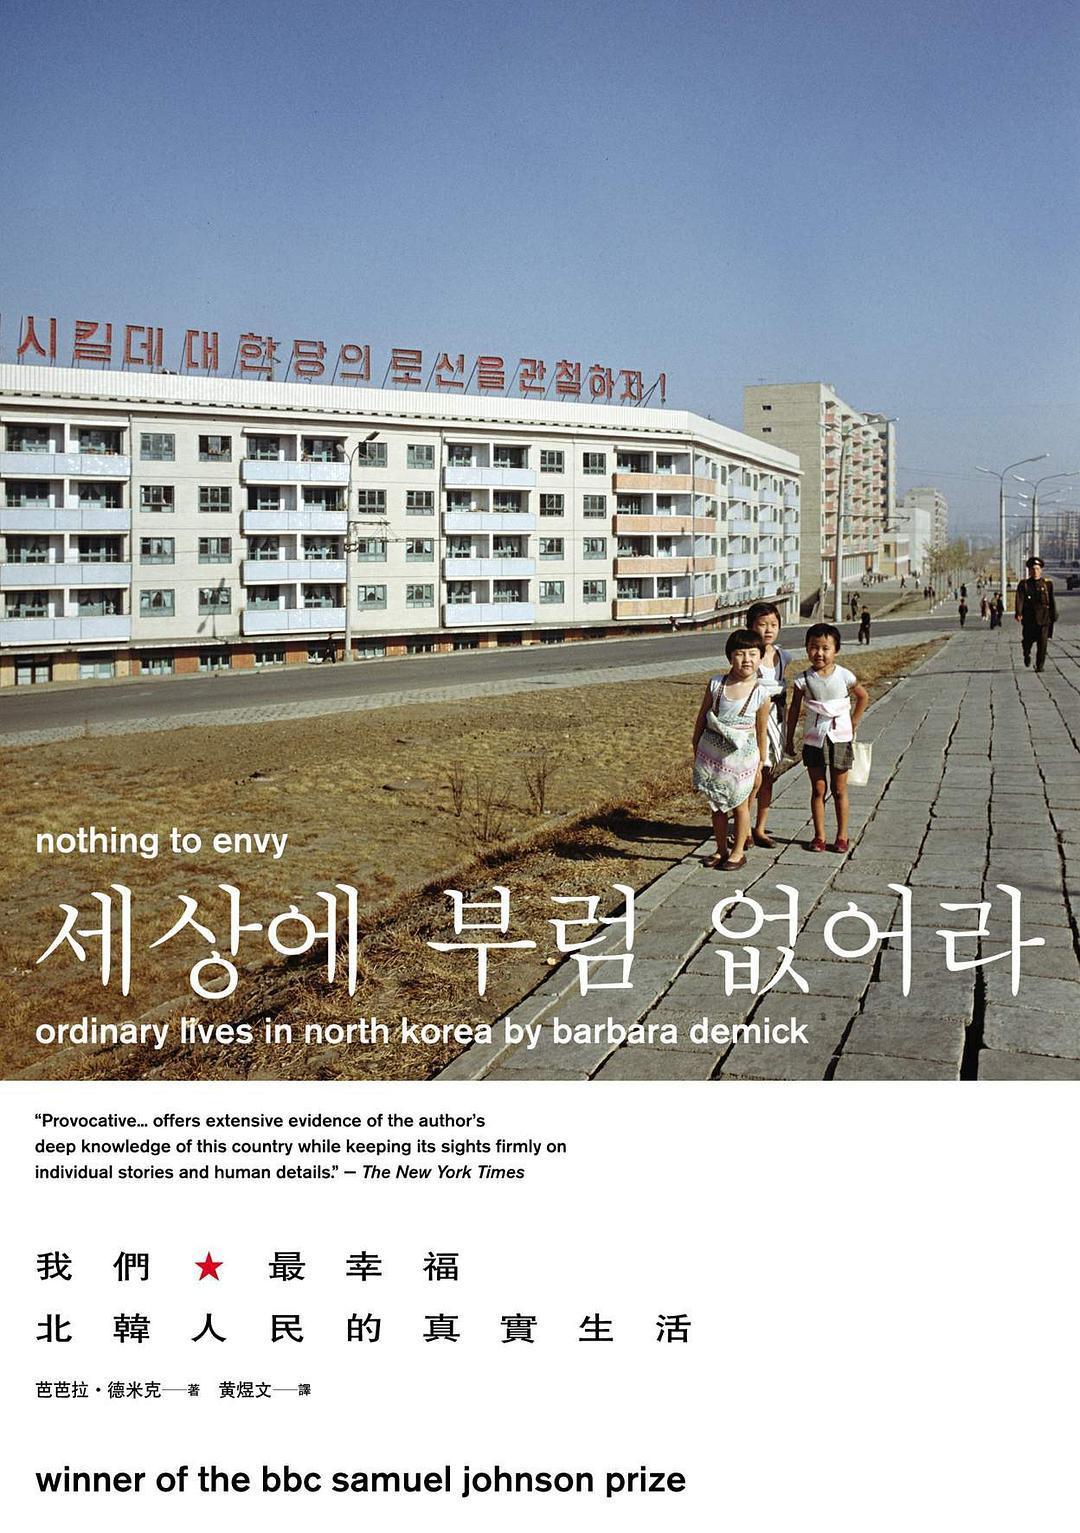 我们最幸福 : 北韩人民的真实生活